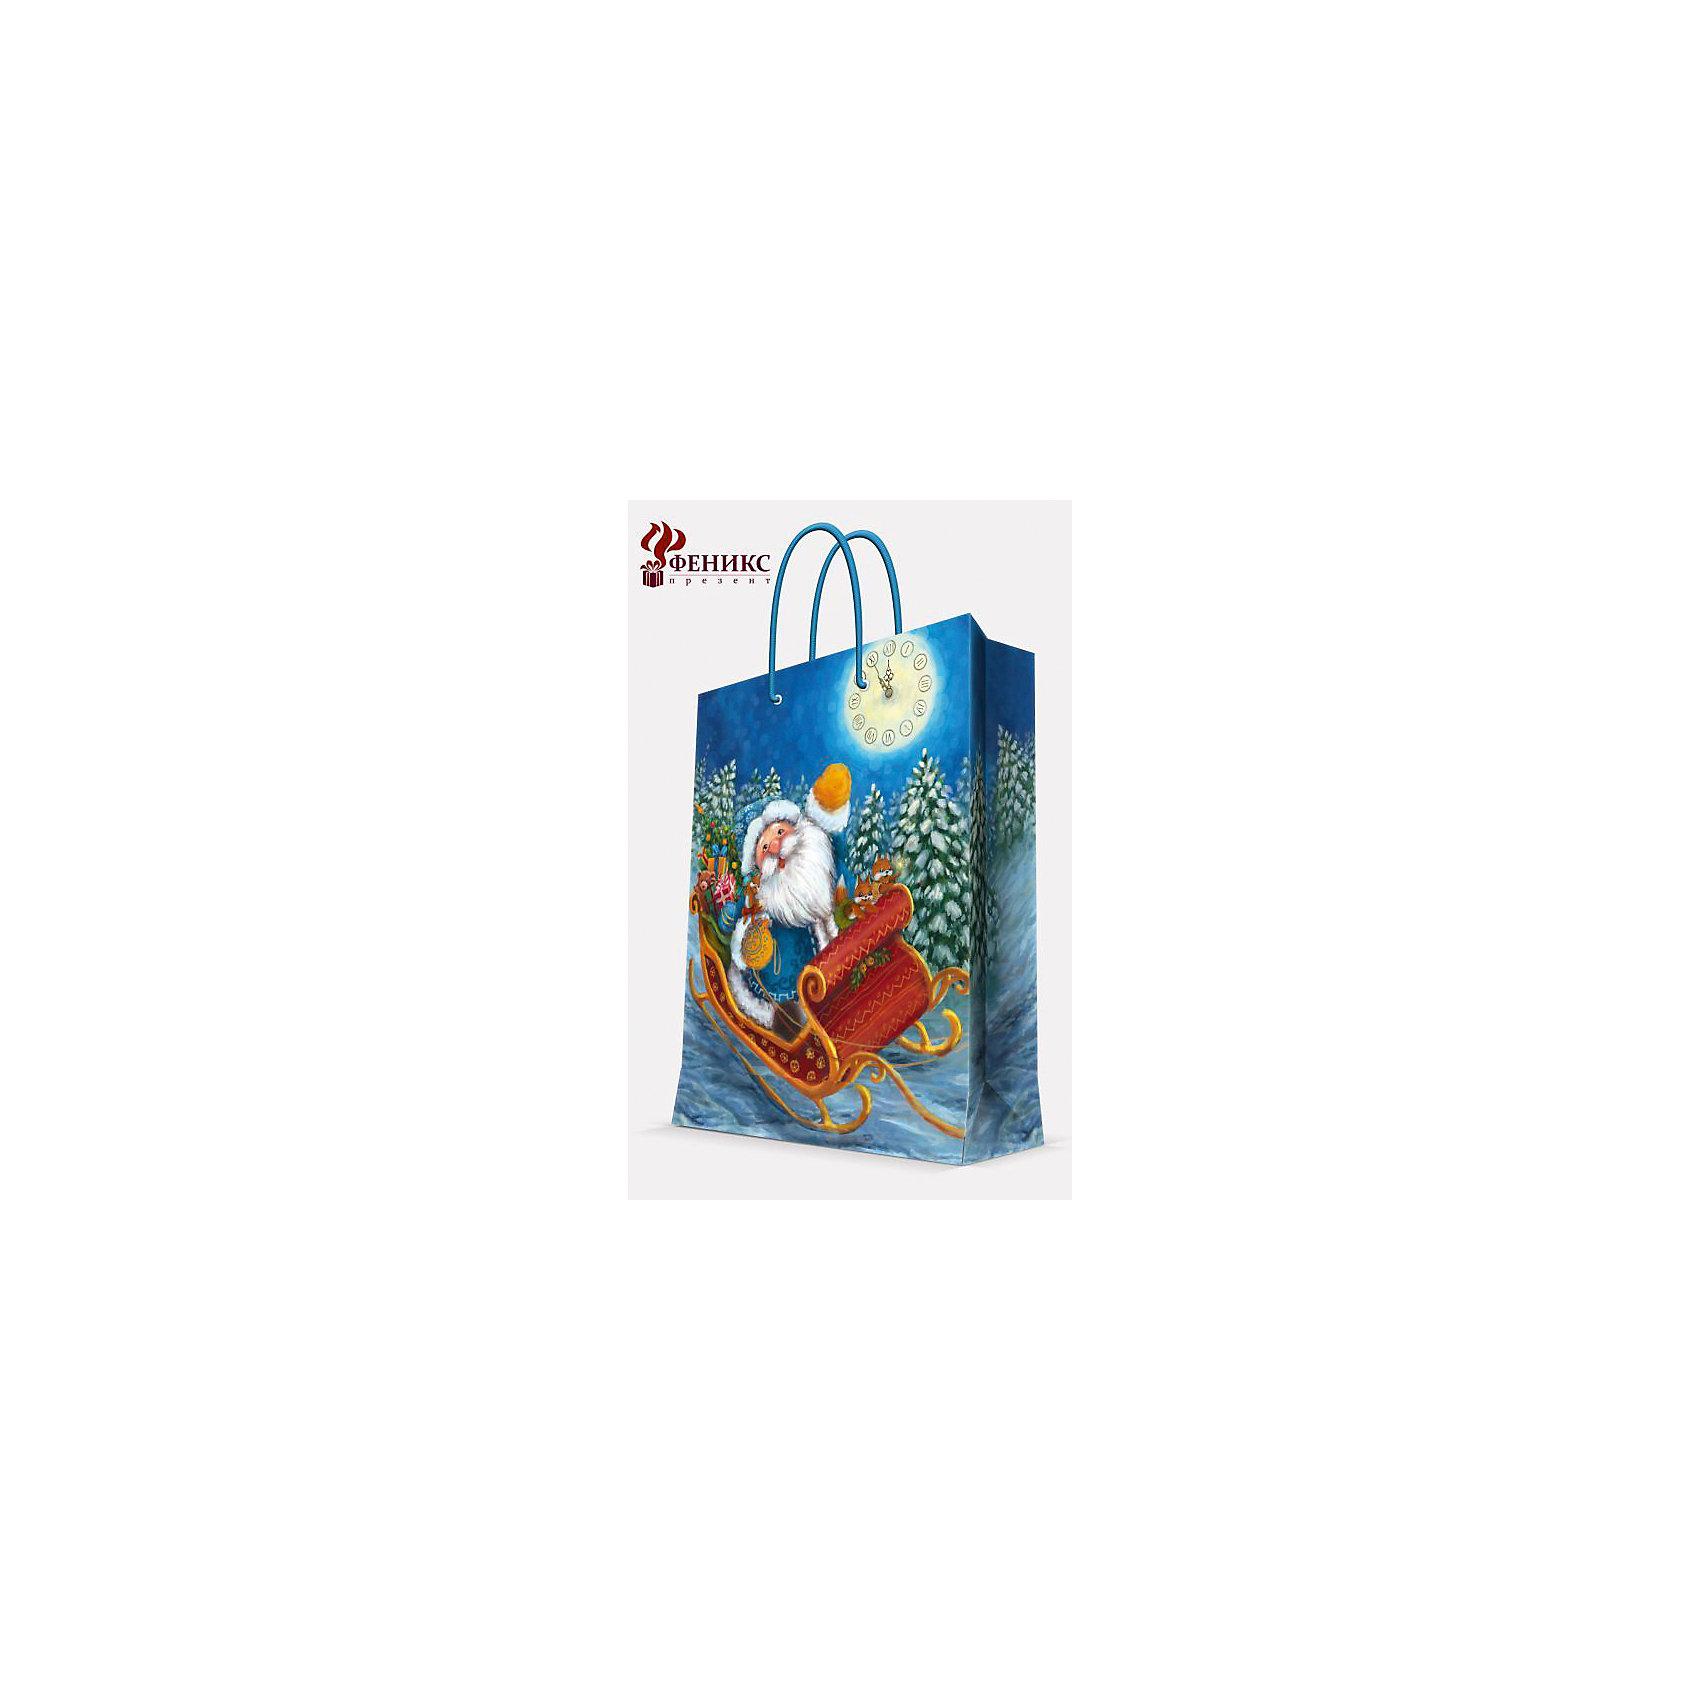 Подарочный пакет Дед Мороз в санях 26*32,4*12,7 смПодарочный пакет Дед Мороз в санях 26*32,4*12,7 см - этот яркий аксессуар станет достойным украшением новогоднего подарка.<br>Подарочный пакет Дед Мороз в санях S поможет красиво оформить новогодний подарок для родных и друзей. Яркий пакет с изображением Деда Мороза, который мчится на санях по заснеженному лесу, сделает Ваш подарок эффектным и запоминающимся. Пакет с ламинацией выполнен из плотной бумаги, имеет широкое основание. Для удобной переноски предусмотрены две ручки из шнурков.<br><br>Дополнительная информация:<br><br>- Размер: 26 х 32,4 х 12,7 см.<br>- Шириной основания: 26 см.<br>- Ламинированный<br>- Ручки: шнурки<br>- Материал: бумага<br>- Плотность: 140 г/м2<br><br>Подарочный пакет Дед Мороз в санях 26*32,4*12,7 см можно купить в нашем интернет-магазине.<br><br>Ширина мм: 1<br>Глубина мм: 260<br>Высота мм: 320<br>Вес г: 74<br>Возраст от месяцев: 36<br>Возраст до месяцев: 2147483647<br>Пол: Унисекс<br>Возраст: Детский<br>SKU: 4274758